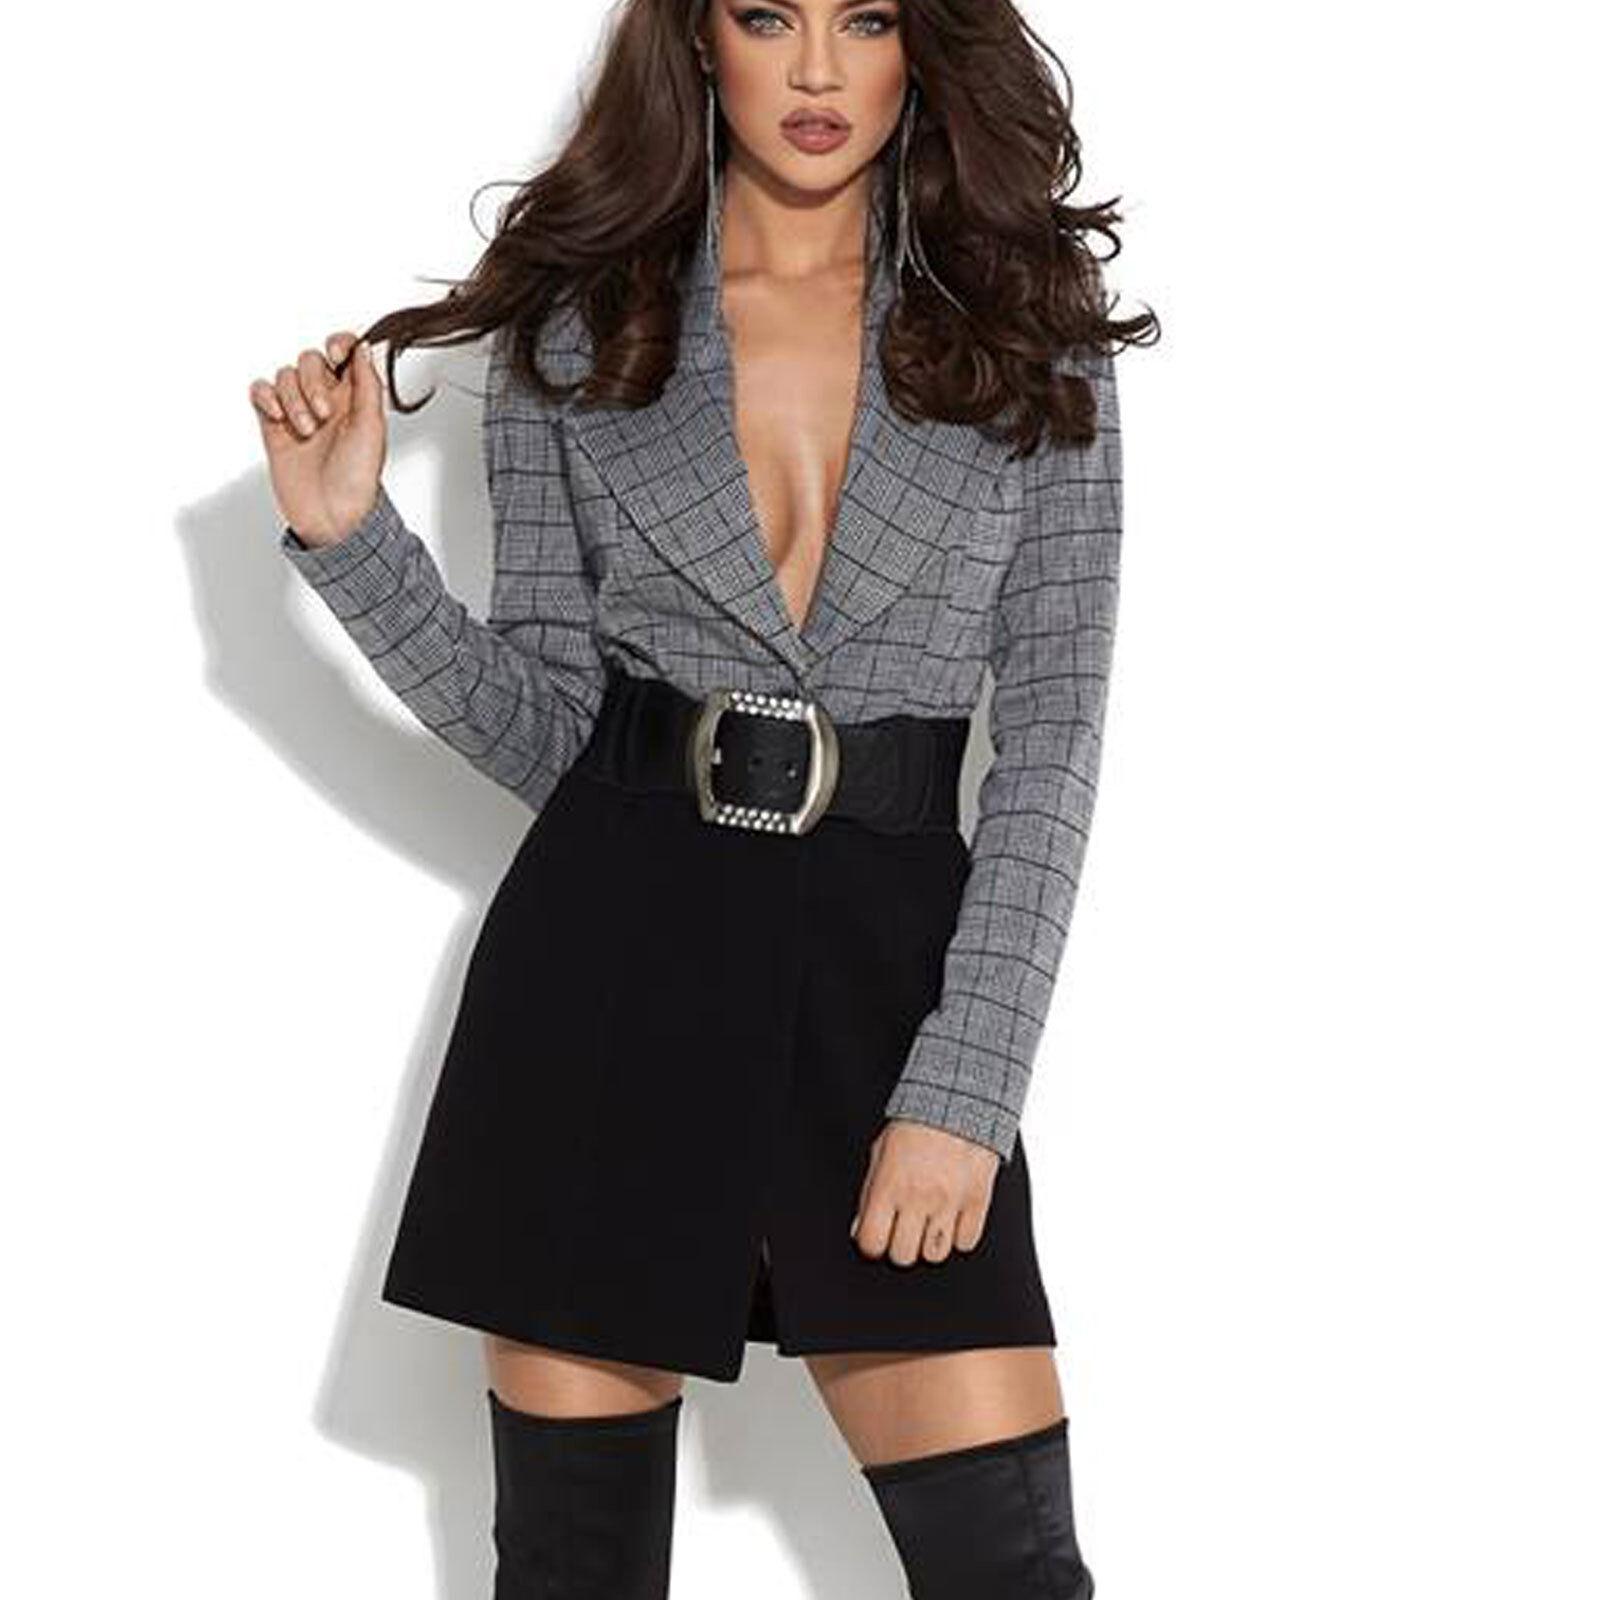 BY ALINA Damen Jacke Longblazer Blazer Blazerkleid Minikleid+Gürtel XS-M